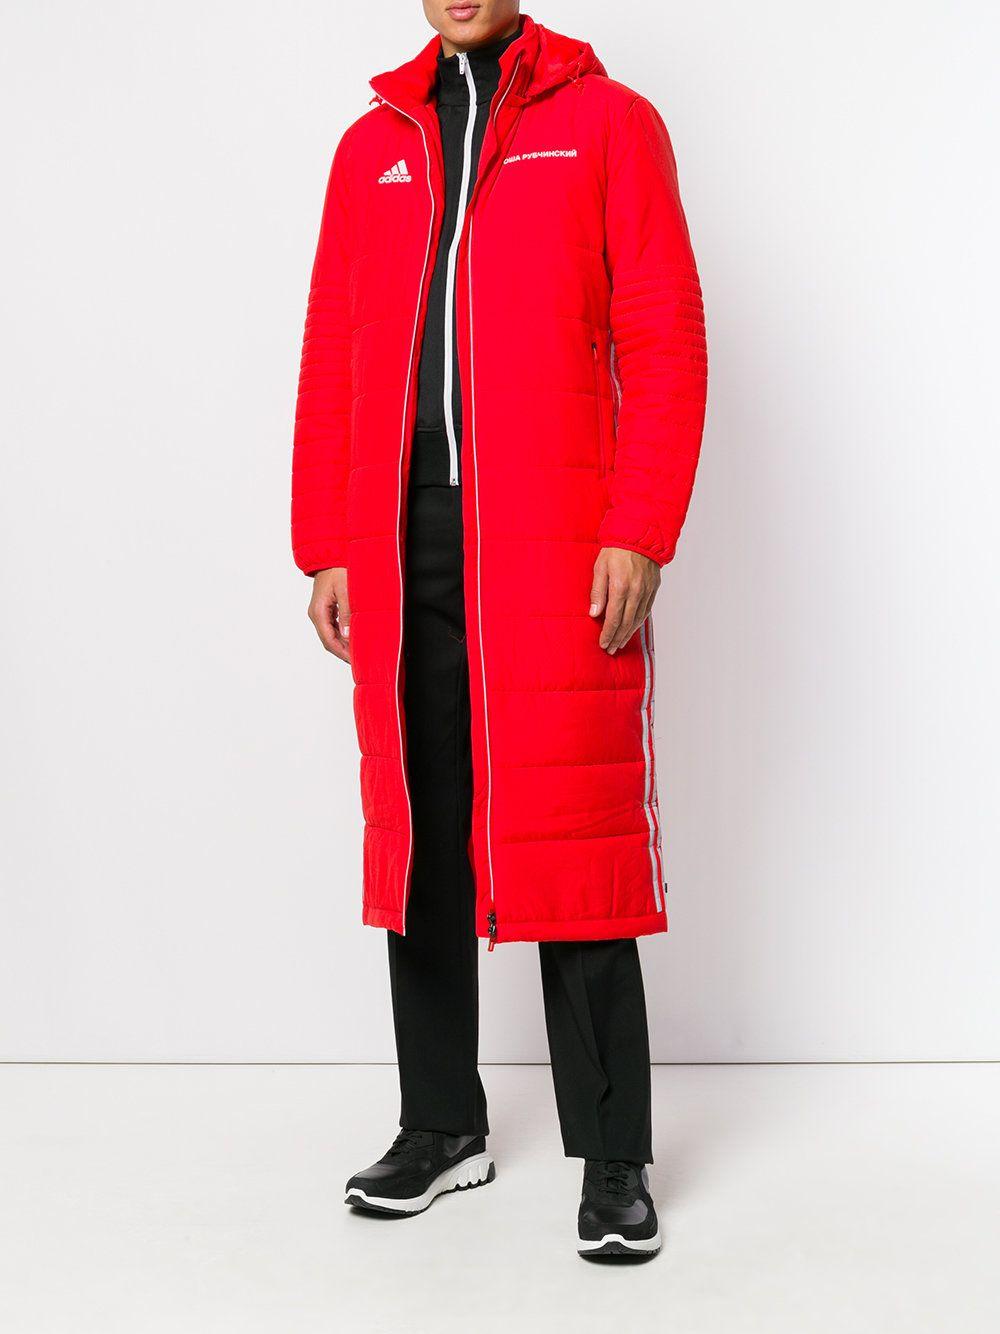 Gosha Rubchinskiy Long Padded Coat In 2020 Padded Coat Red Leather Jacket Coat